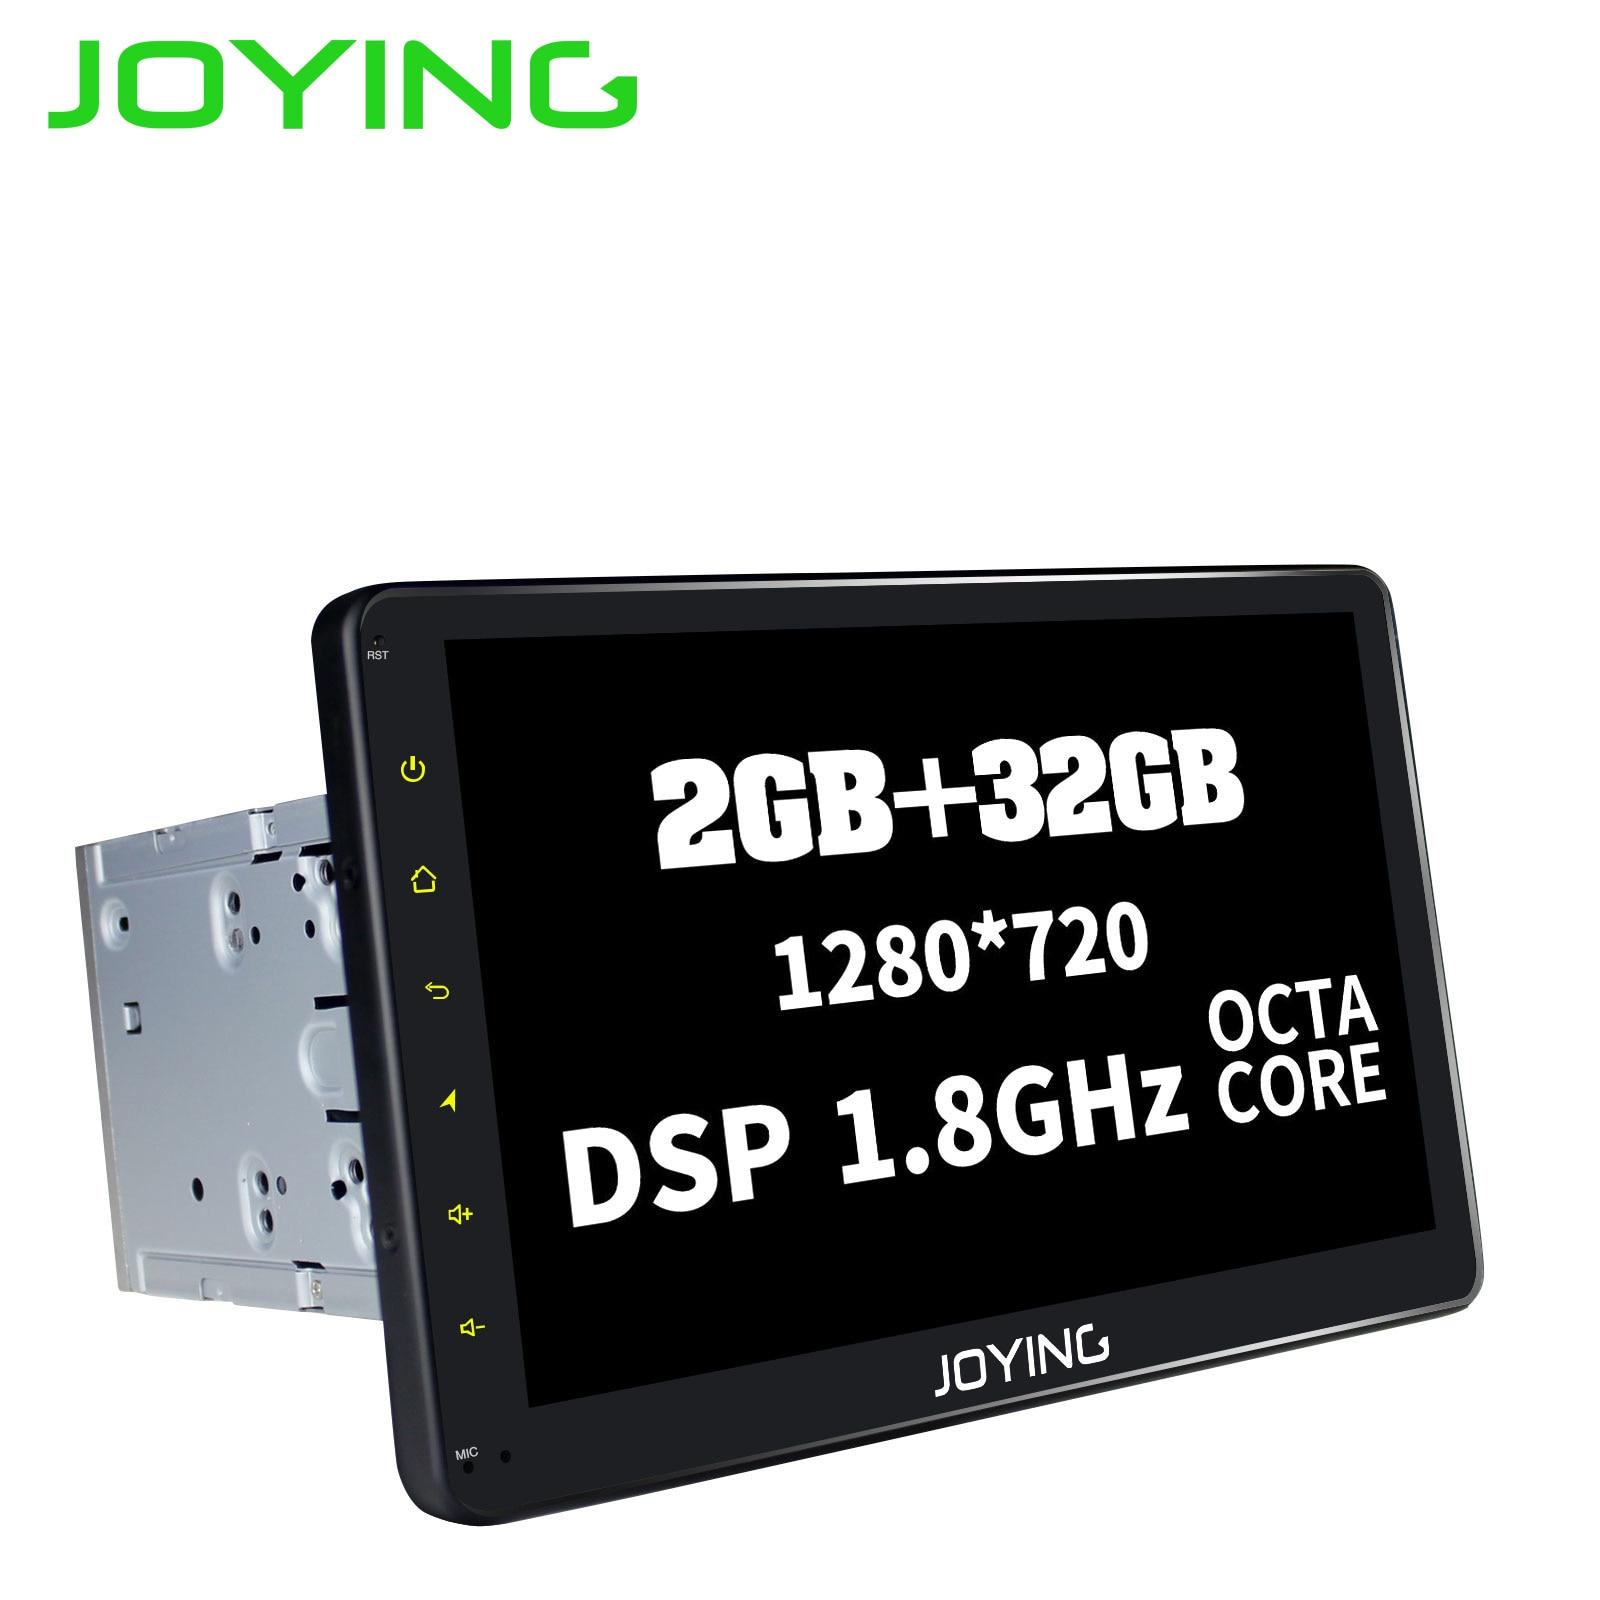 2 JOYING Android 8.1 din Autoradio Stereo Multimedia Player de Rádio GPS 10.1 ''Tela IPS HD Unidade de Cabeça com DSP octa Núcleo 32GB ROM